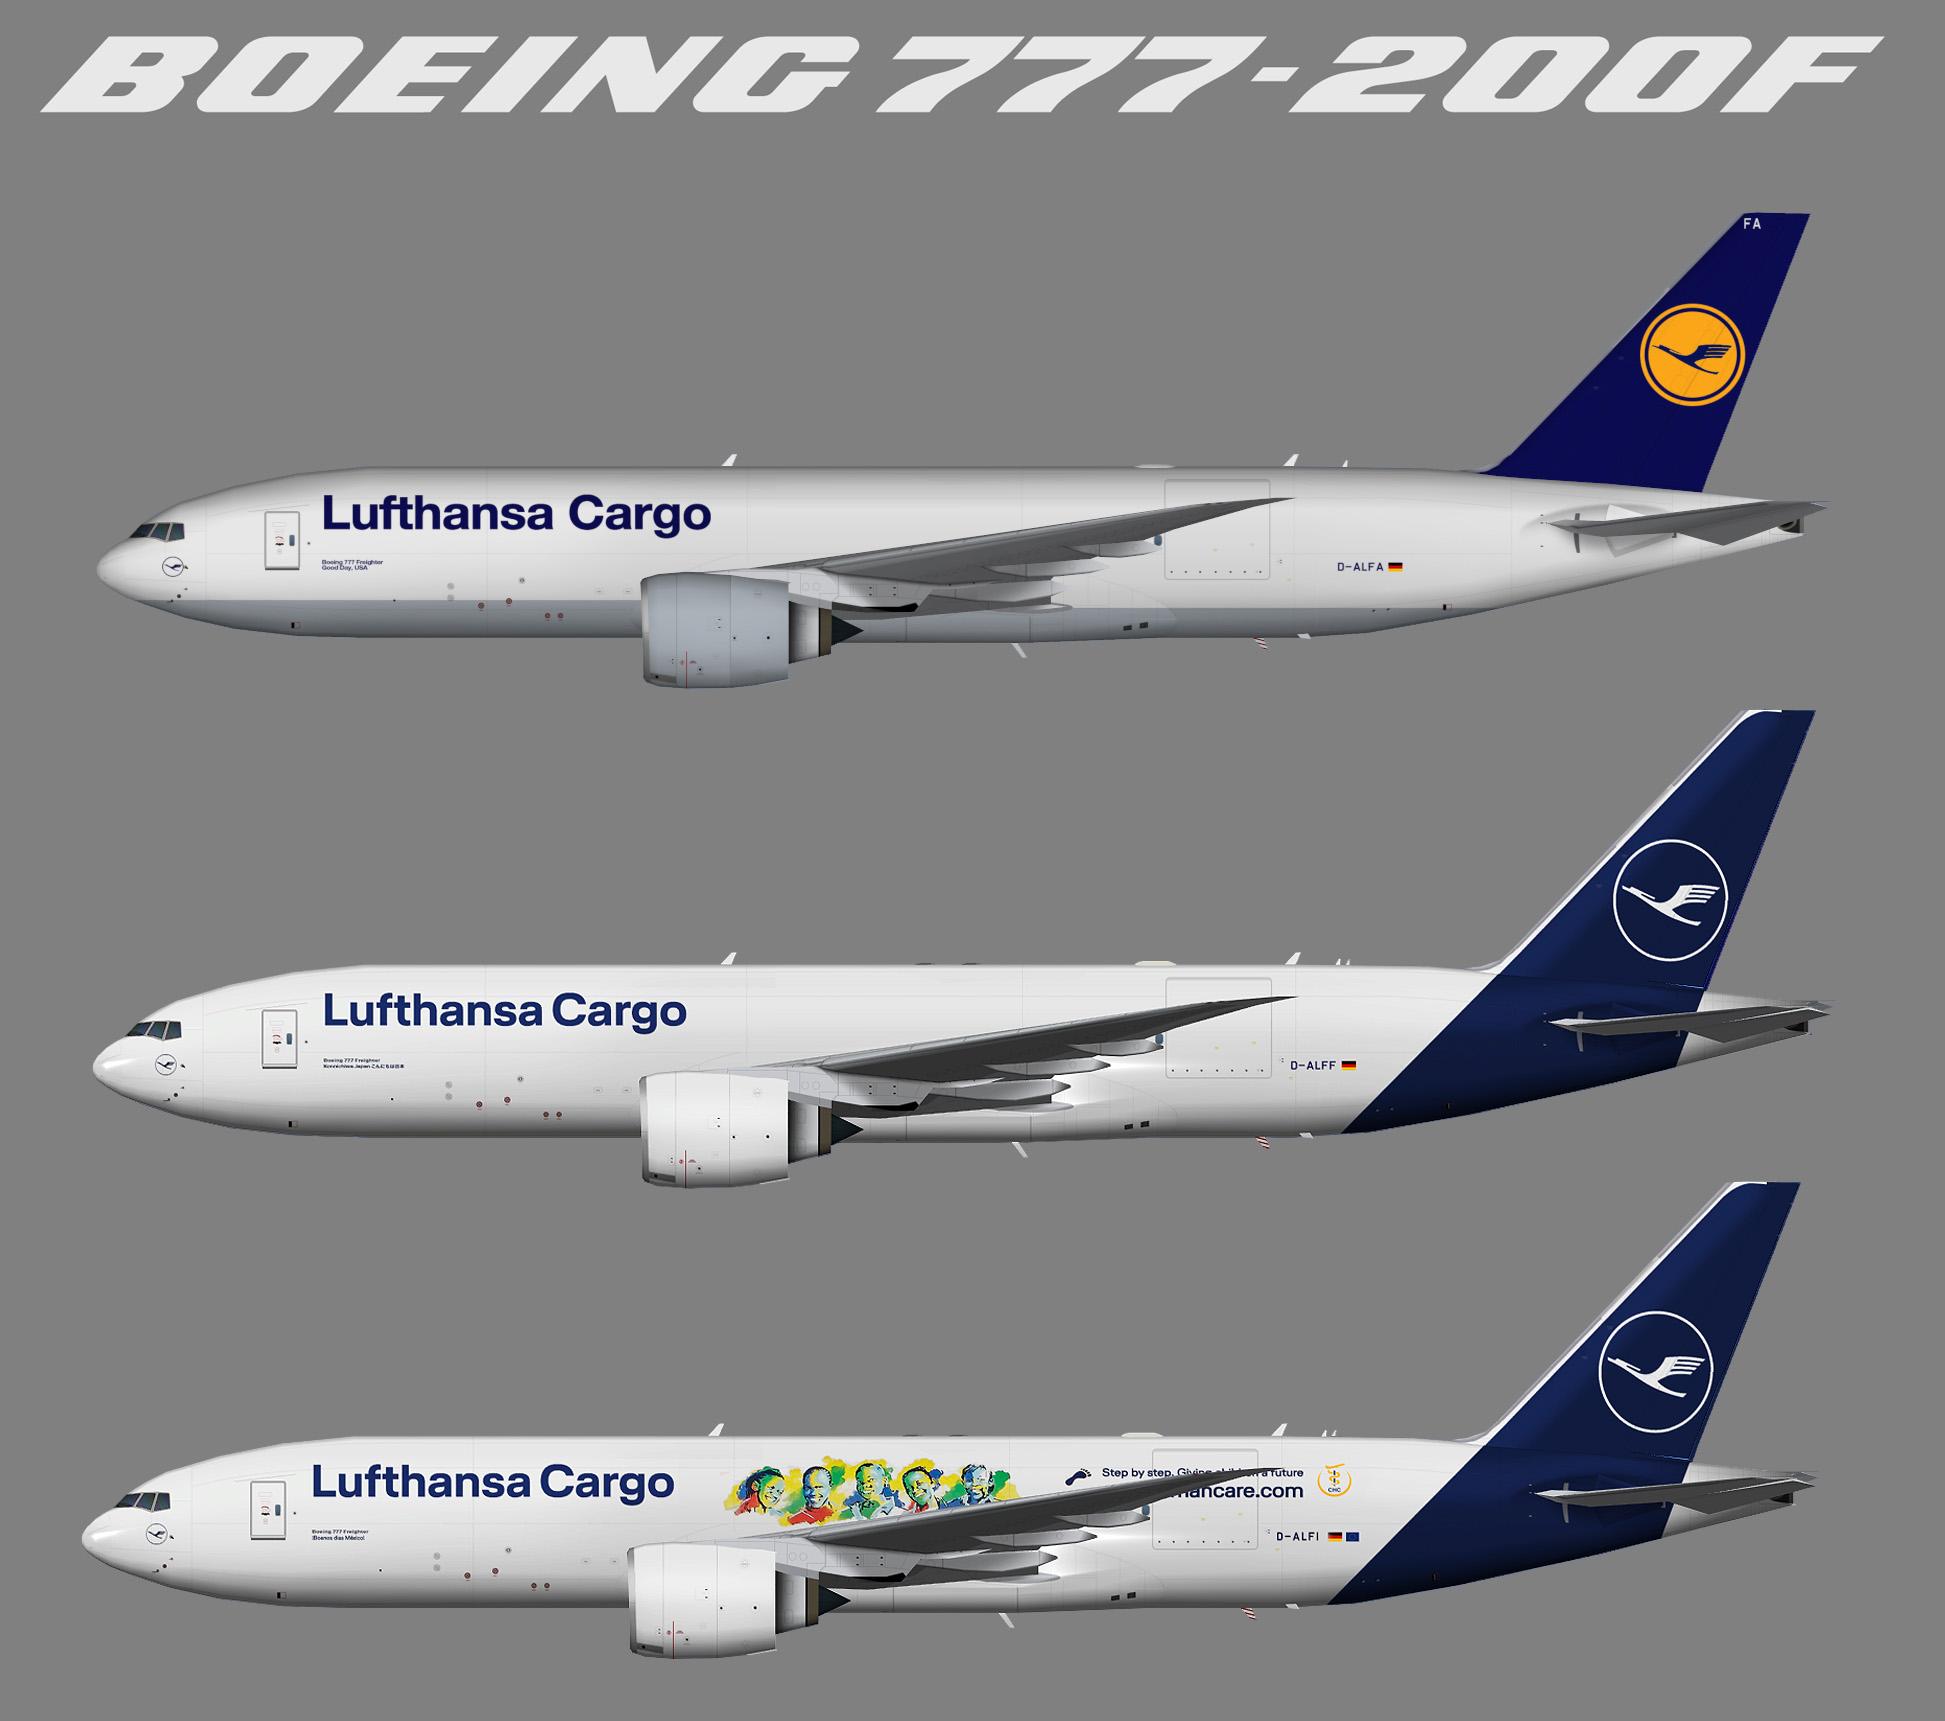 Lufthansa Cargo Boeing 777-200 Freighter (TFS)